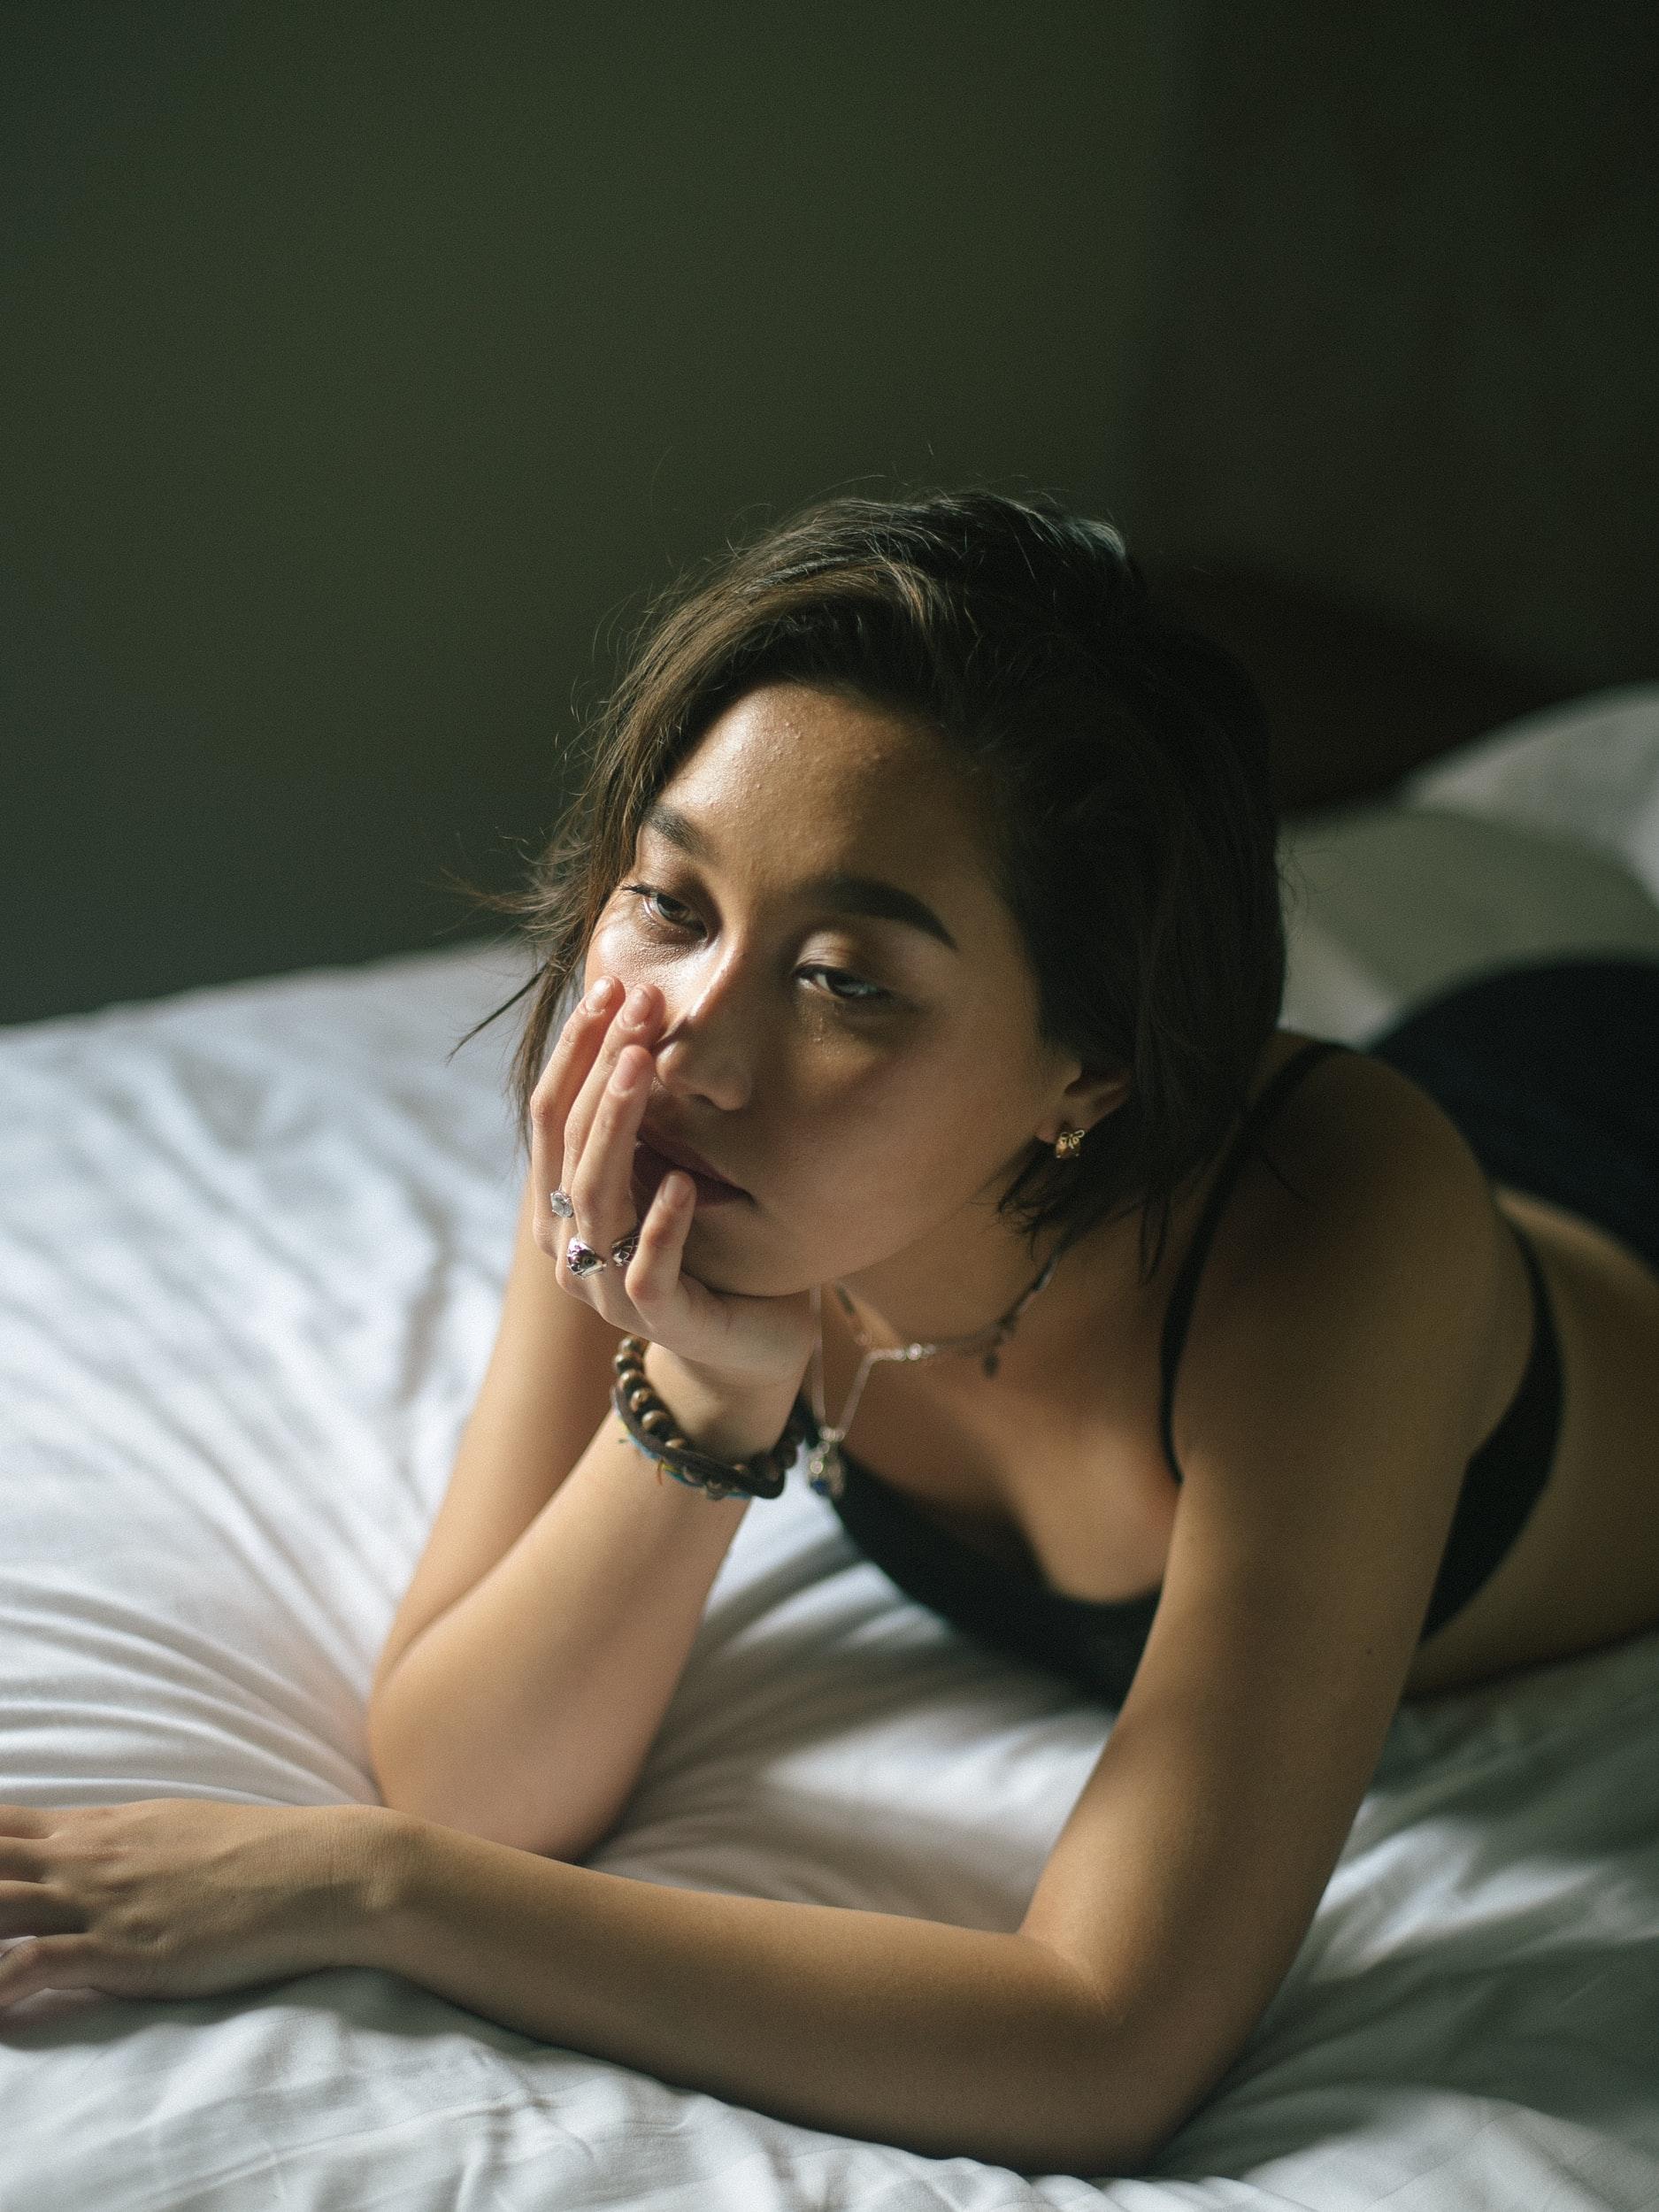 11 побочных эффектов от недостатка сна-Фото 4